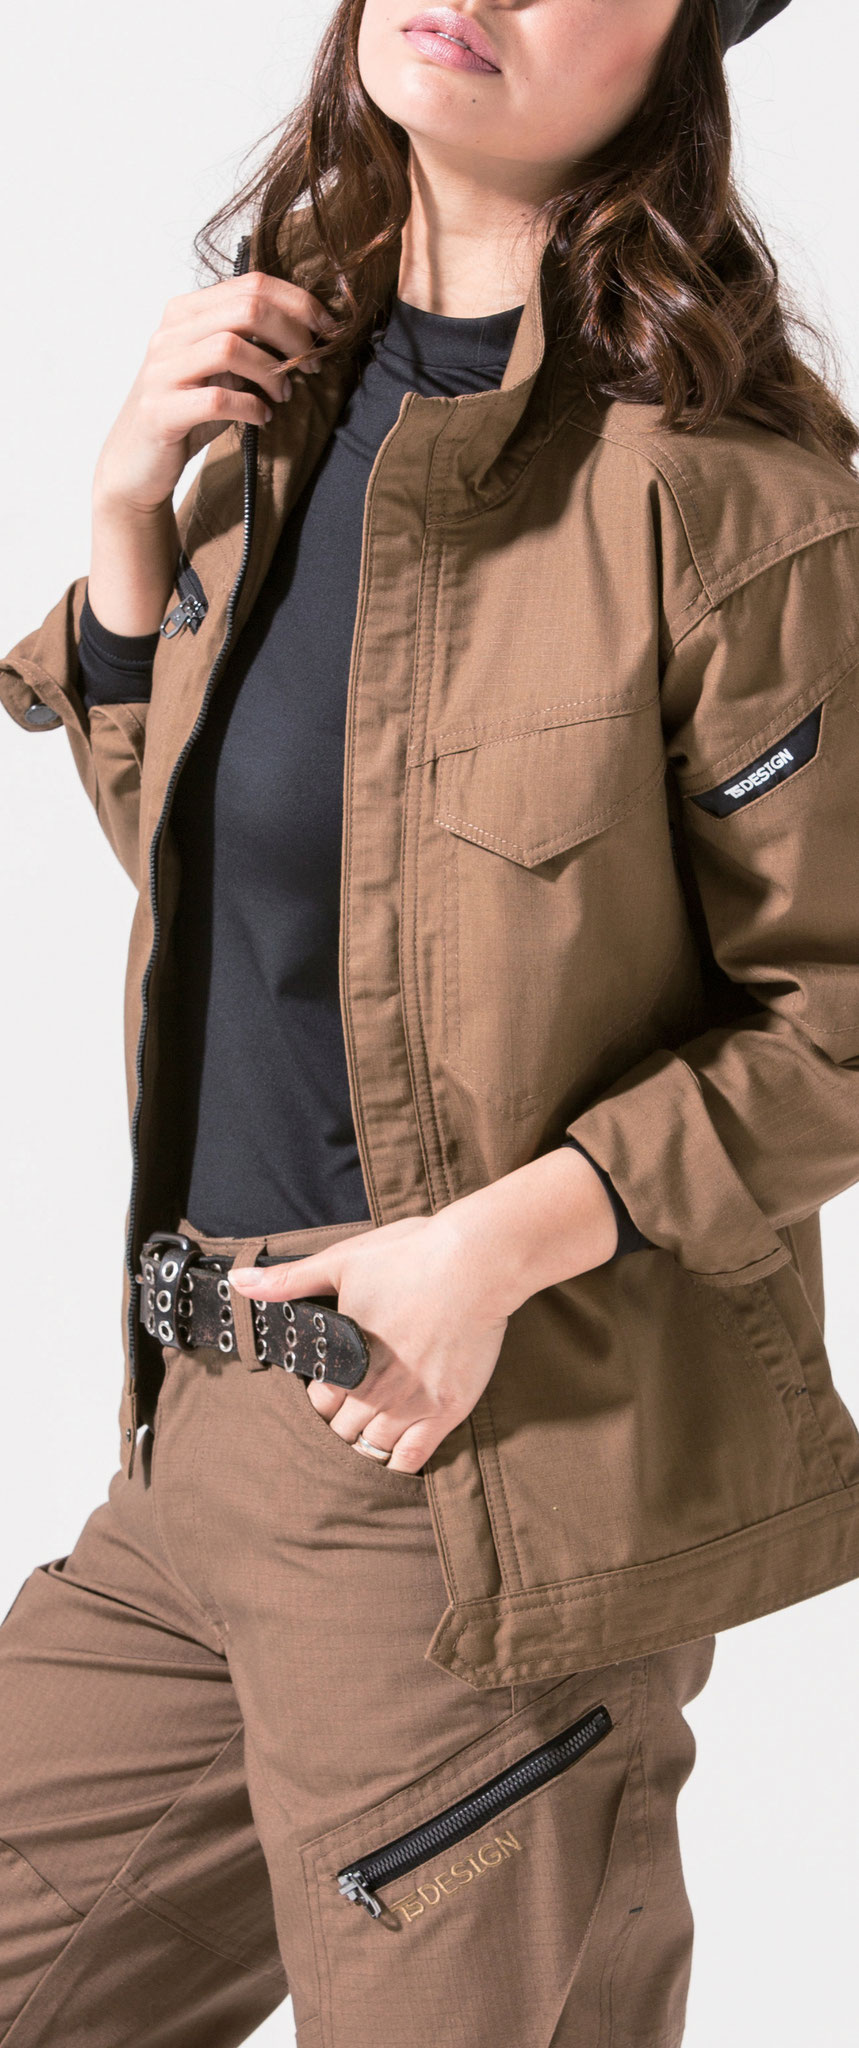 6116 ジャケット ¥4,950(税込)リップストップ素材で、引き裂きに強いタフなジャケット!!